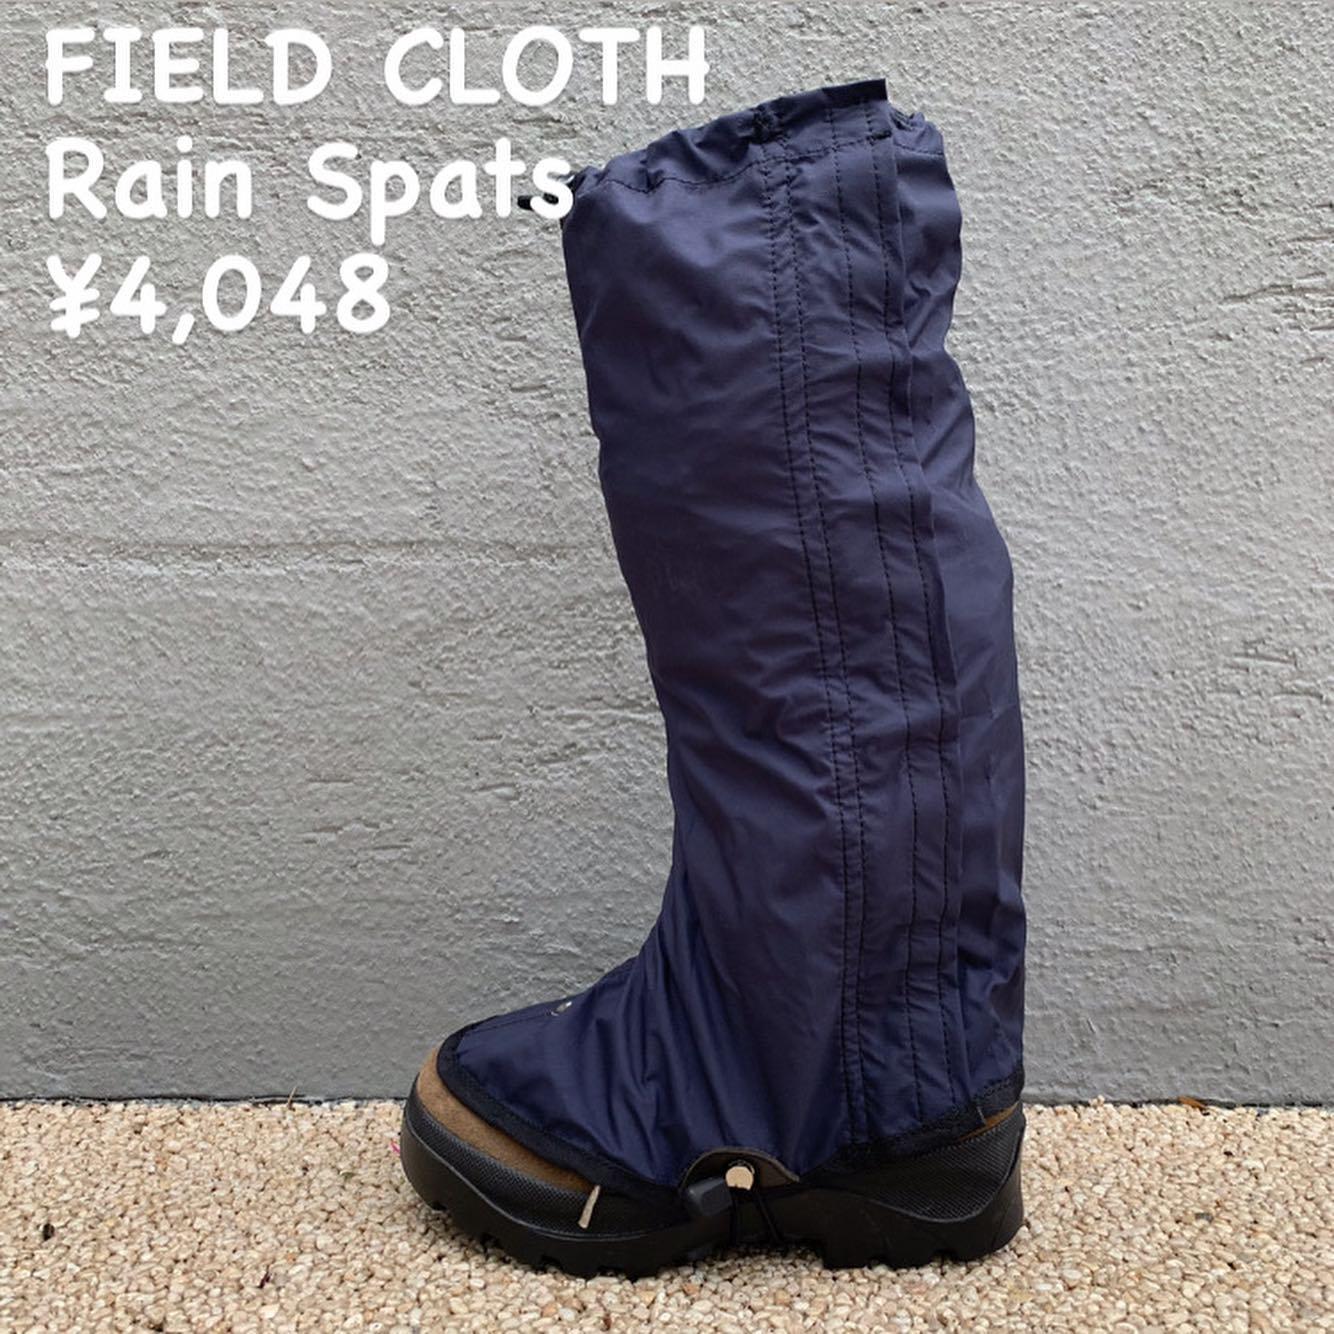 コンパクトで装着も容易な『FIELD CLOTH レインスパッツ コバ付き』のご紹介